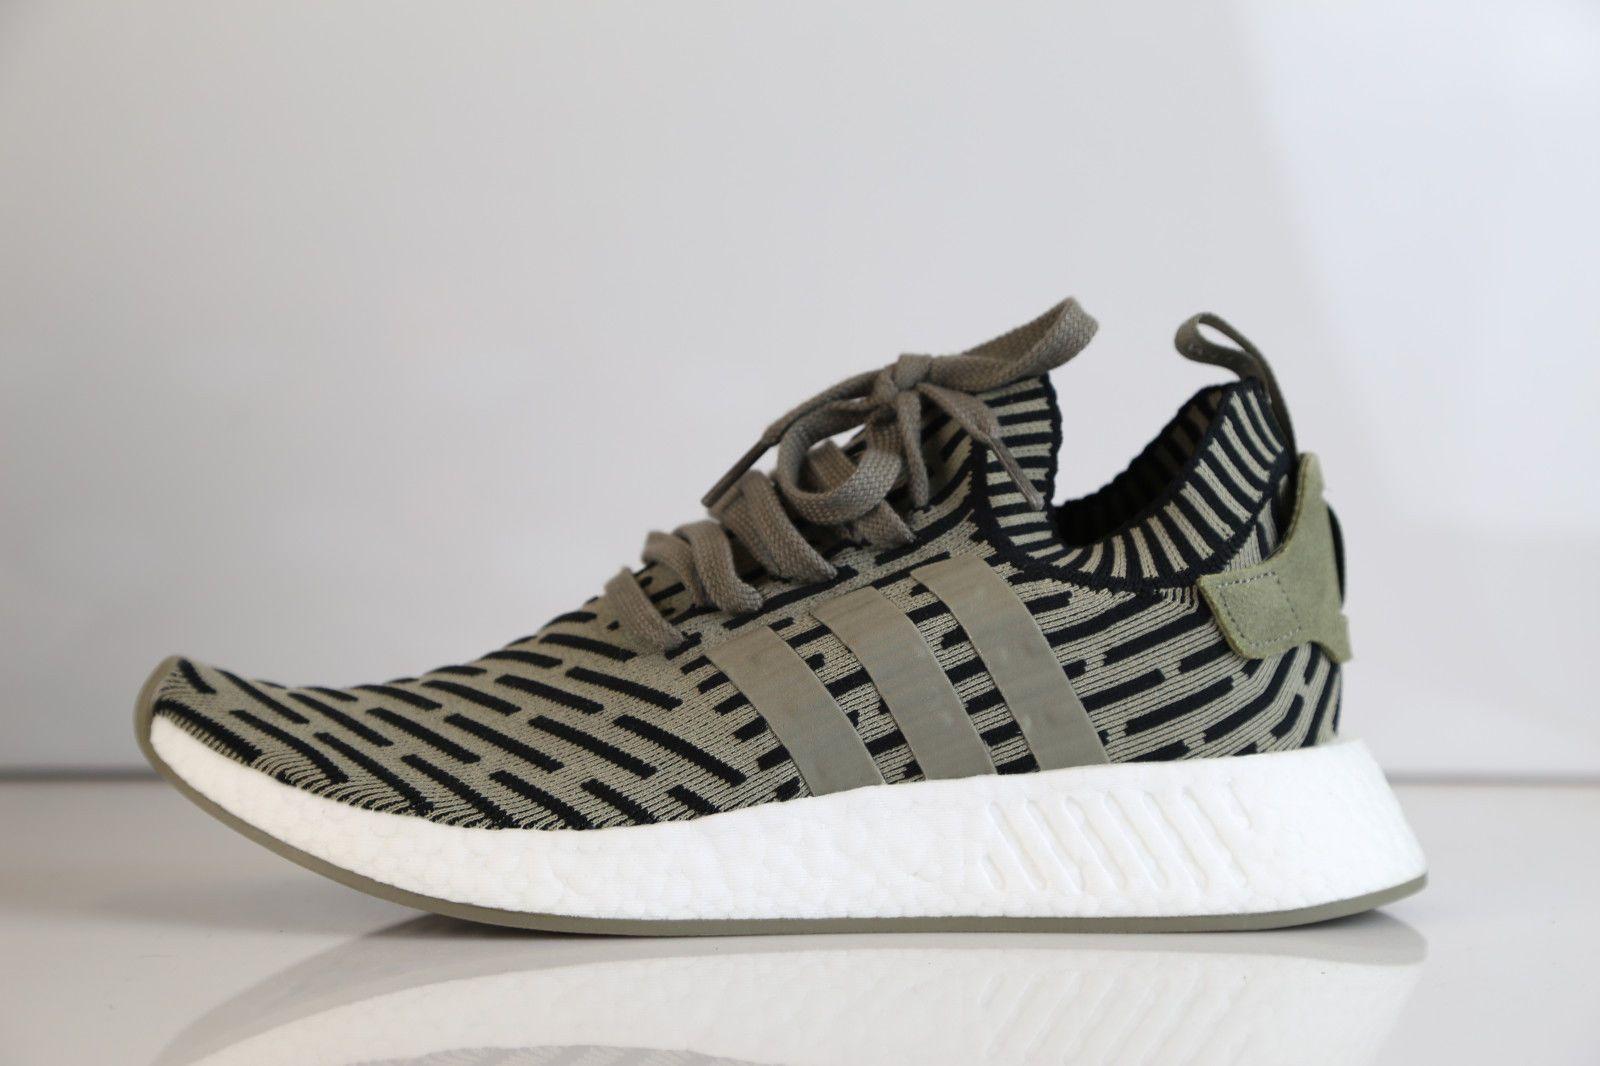 Adidas nmd r2 pk rintraccia carico oliva nera Uomo scarpe da corsa blog